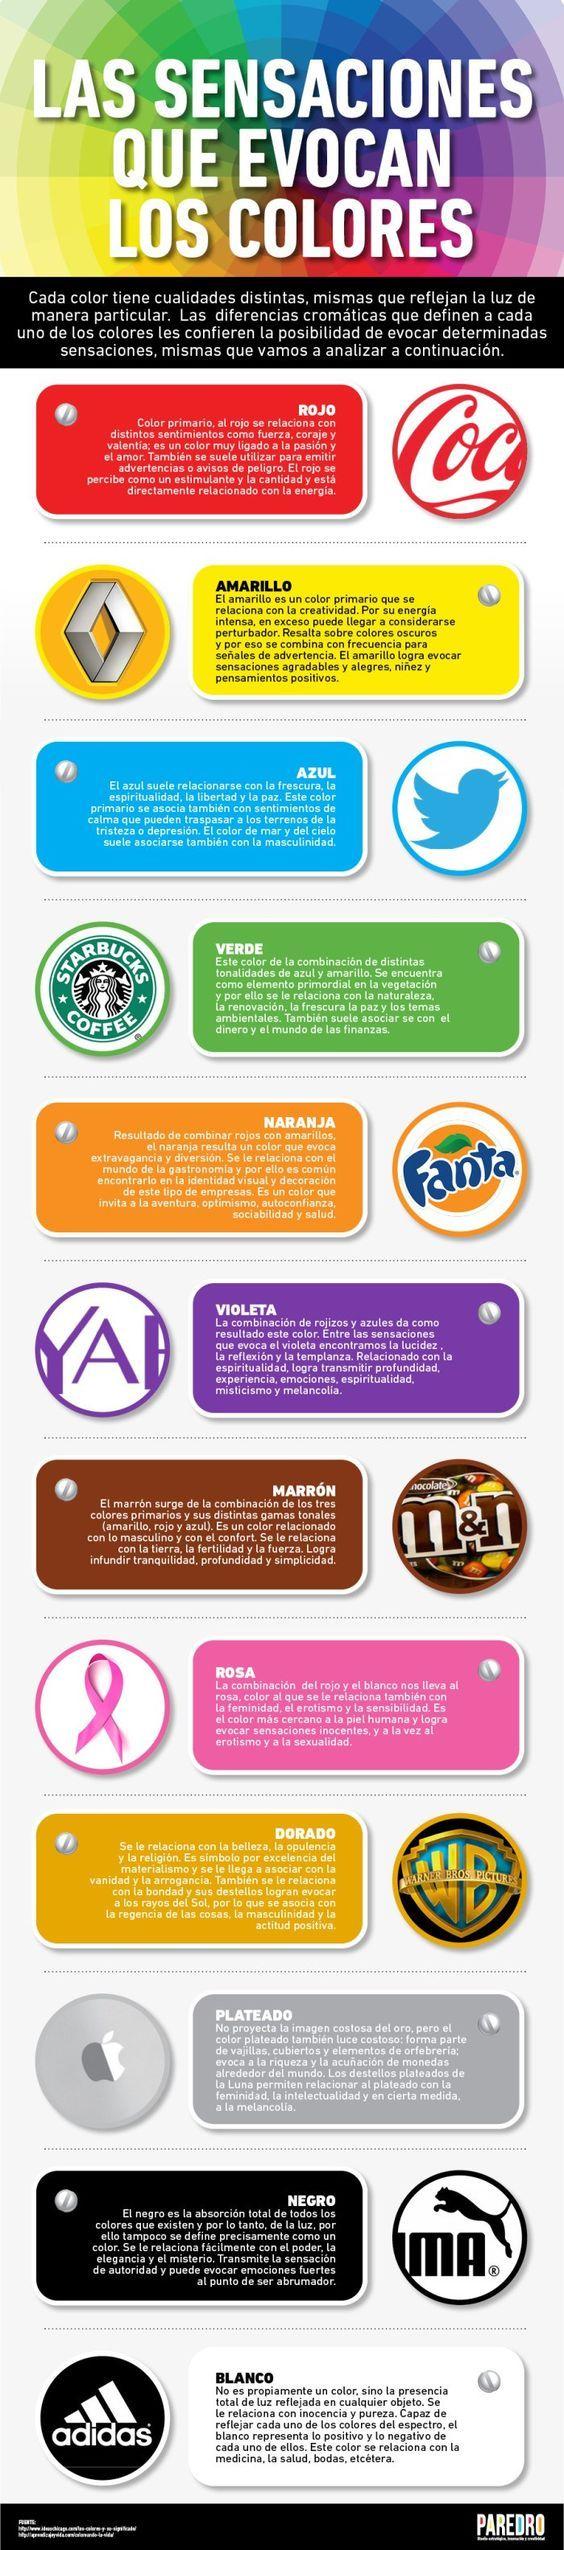 Lo que deberías saber sobre los colores en el Marketing y el Branding